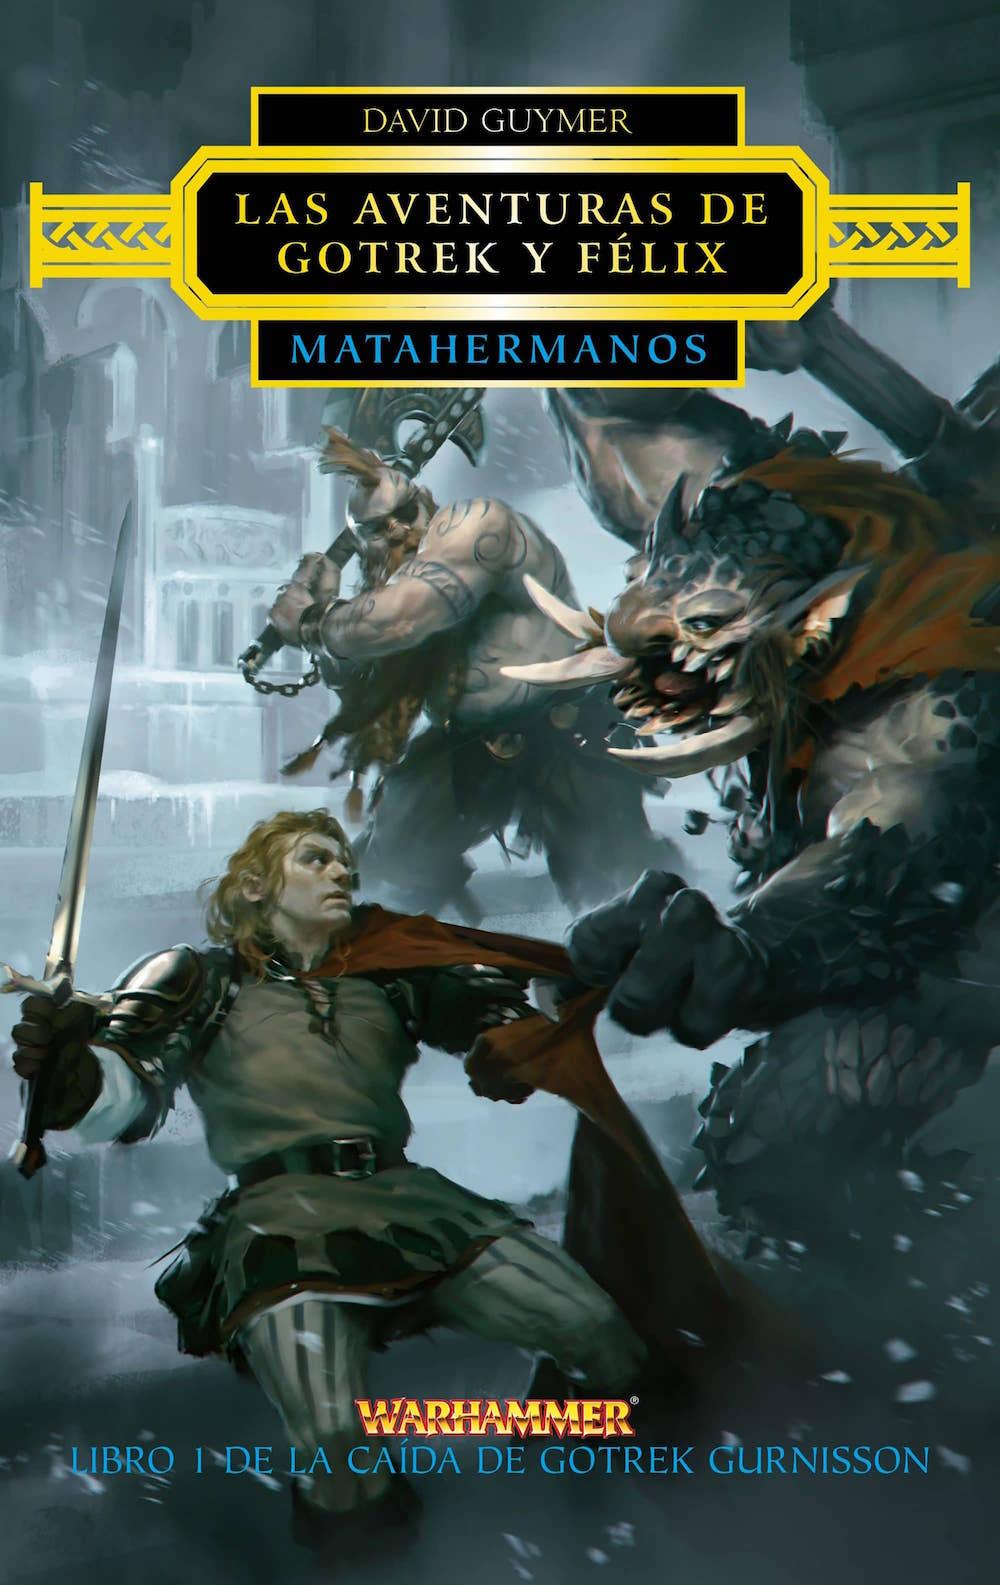 MATAHERMANOS (LAS AVENTURAS DE GOTREK Y FELIX)